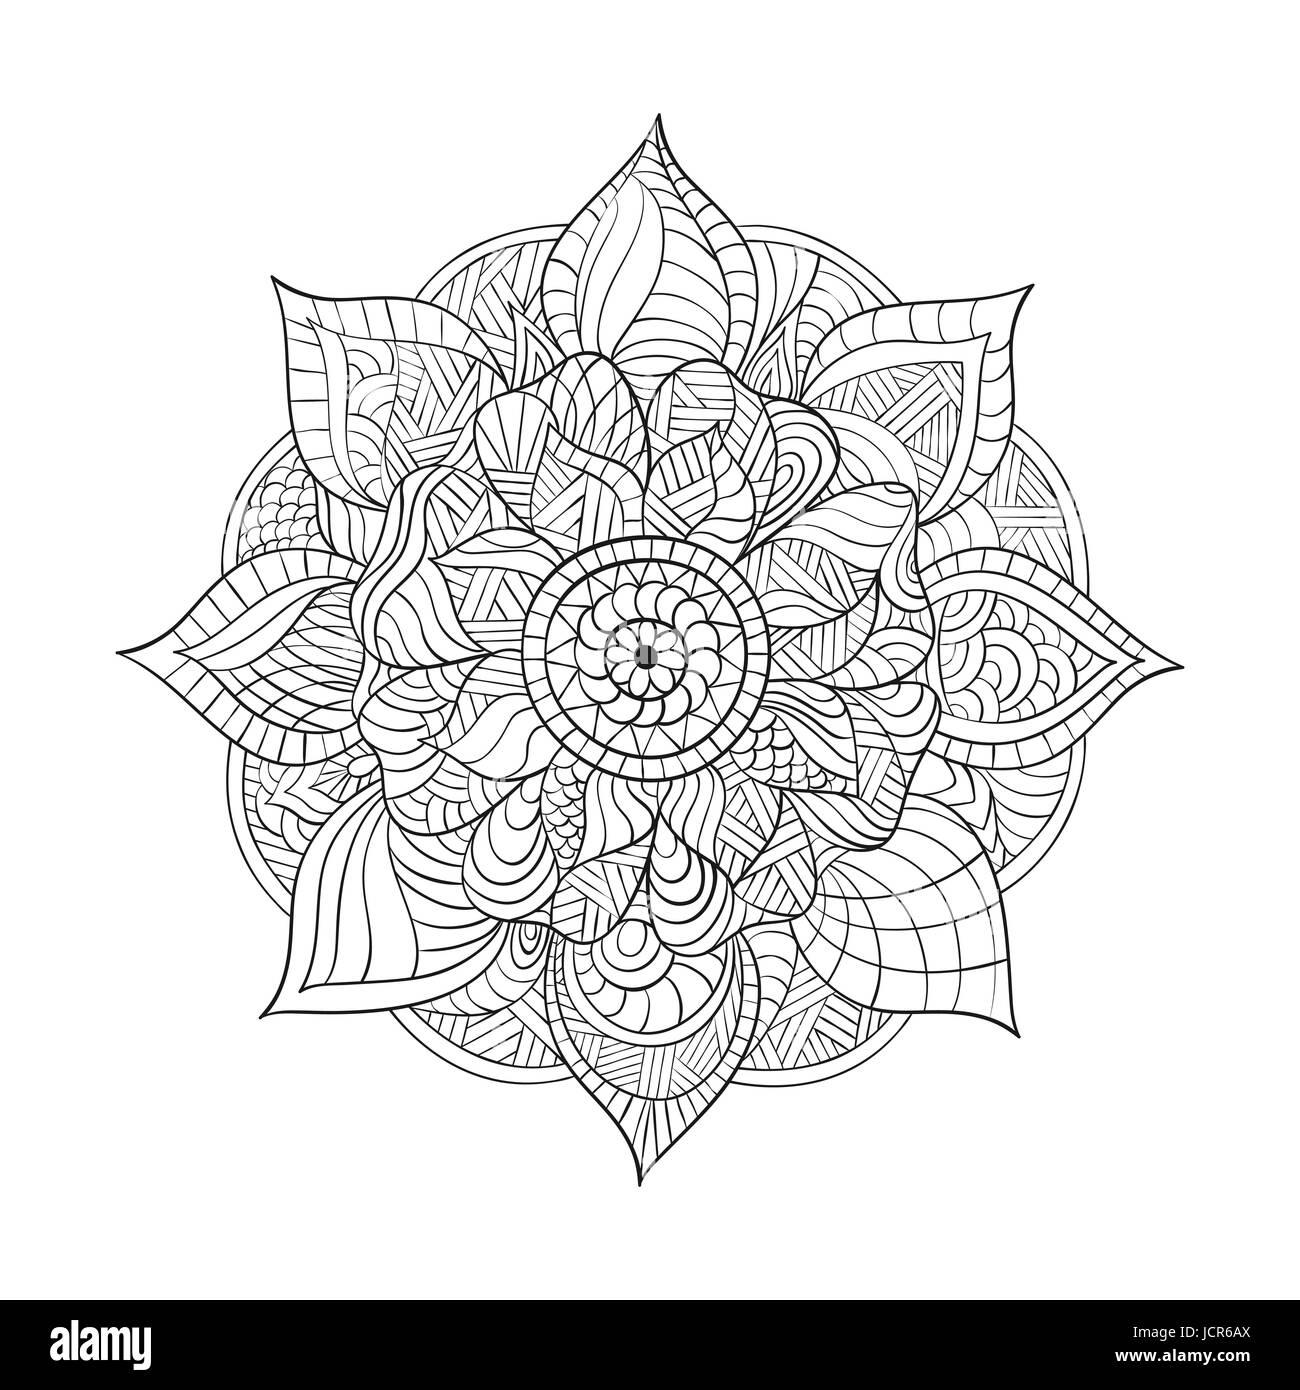 Vektor Dekorative Mandala Für Erwachsene Malbüchern Ethnische